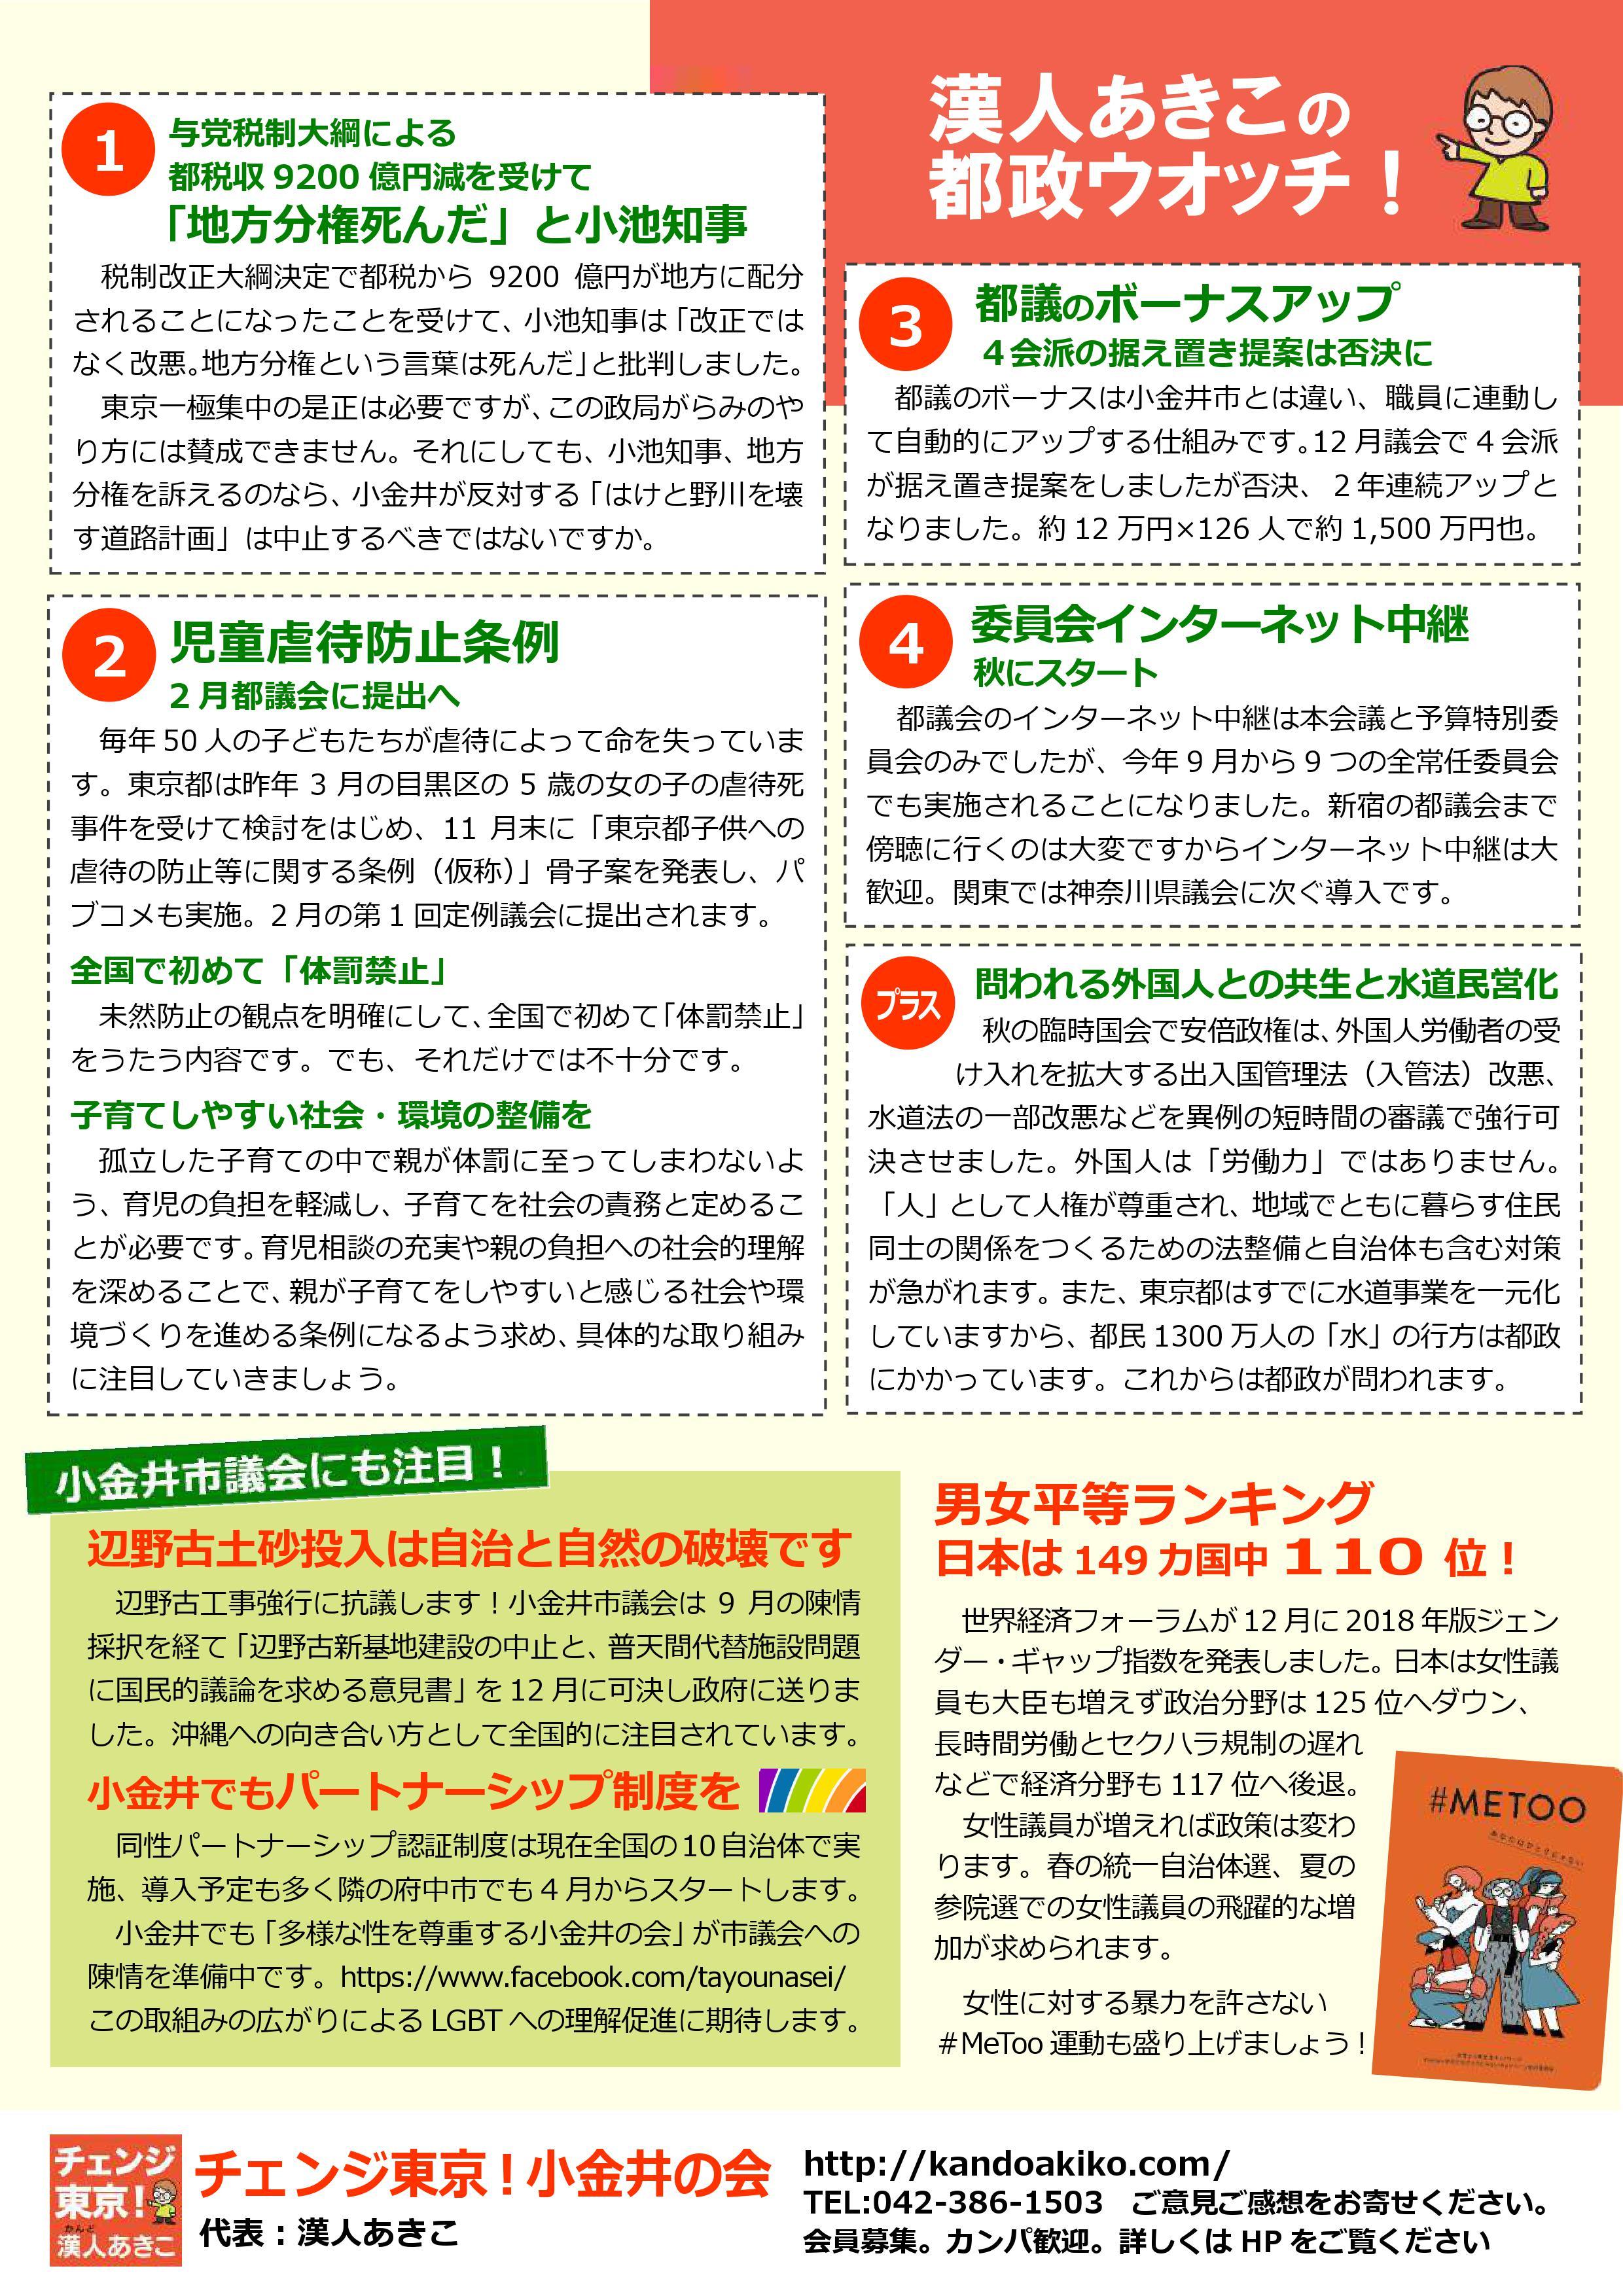 チェンジ東京!小金井の会ニュース 10号-裏